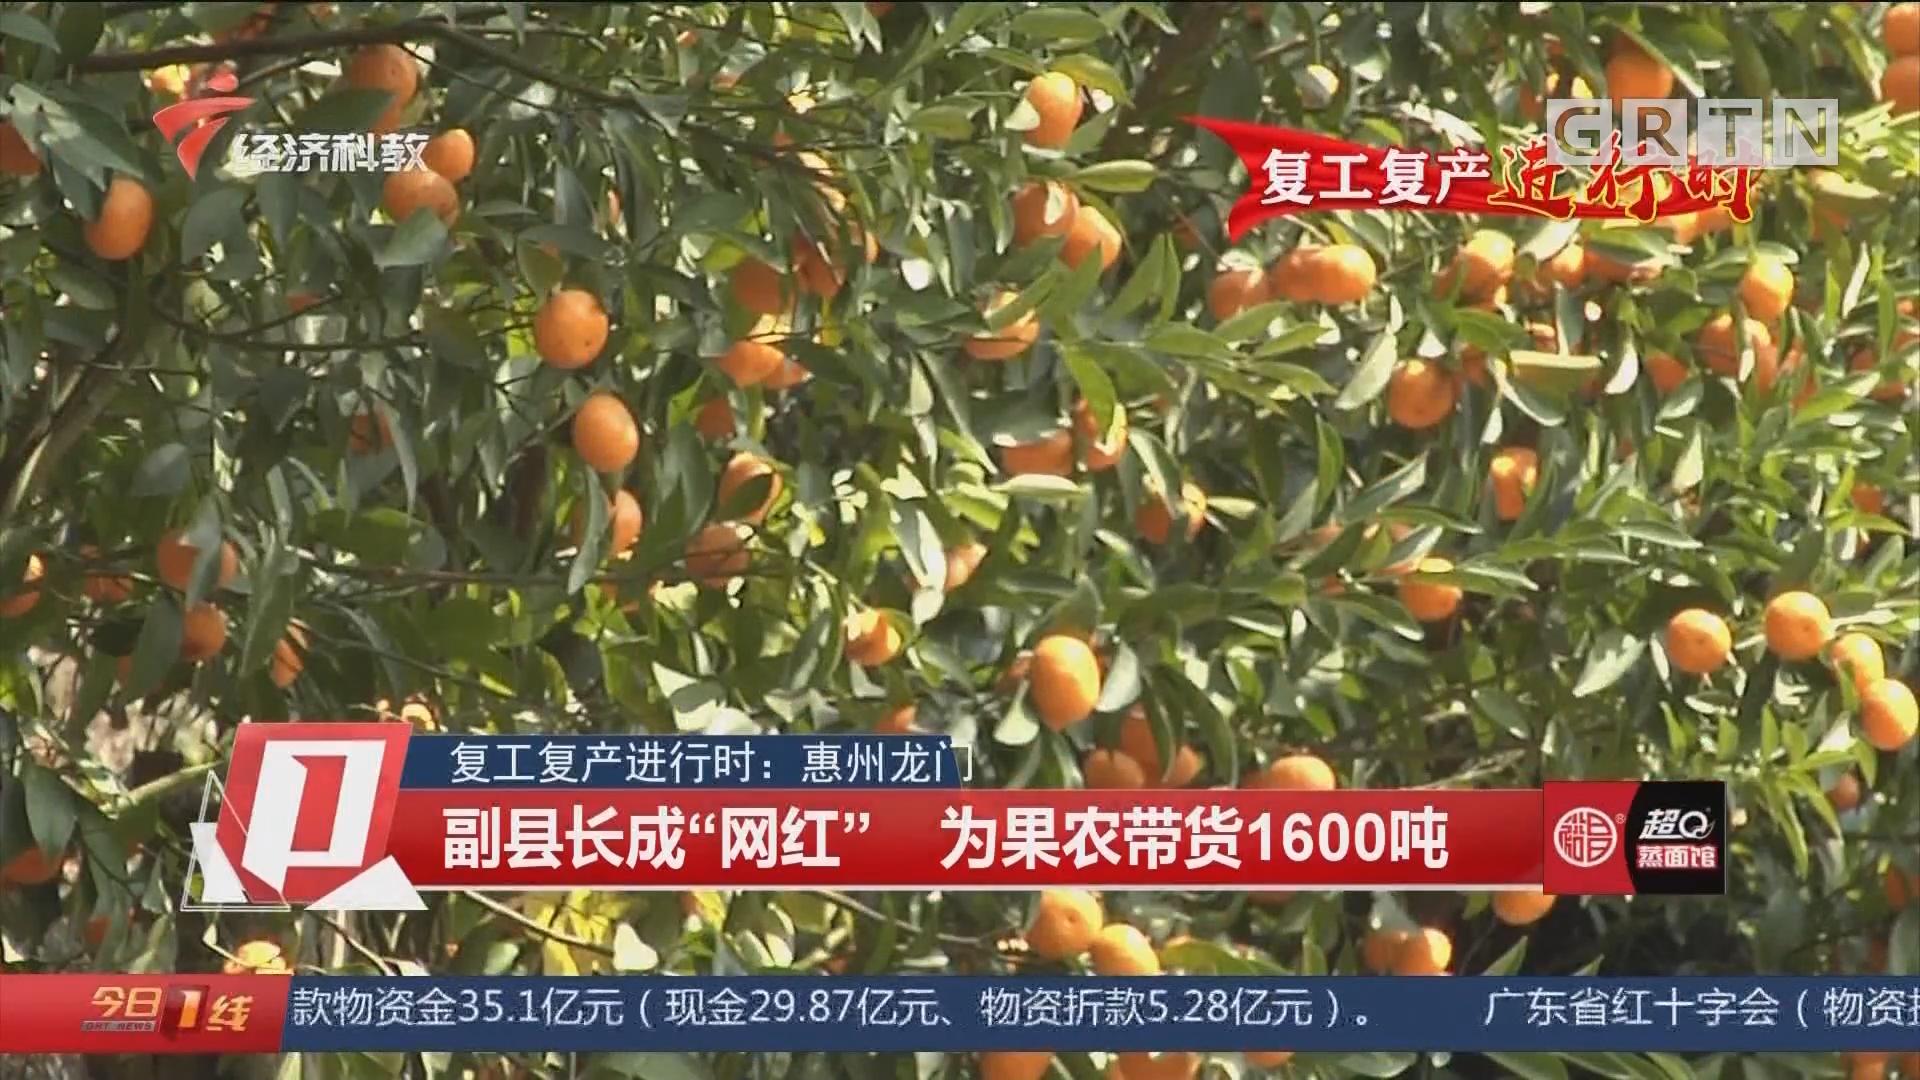 """复工复产进行时:惠州龙门 副县长成""""网红"""" 为果农带货1600吨"""